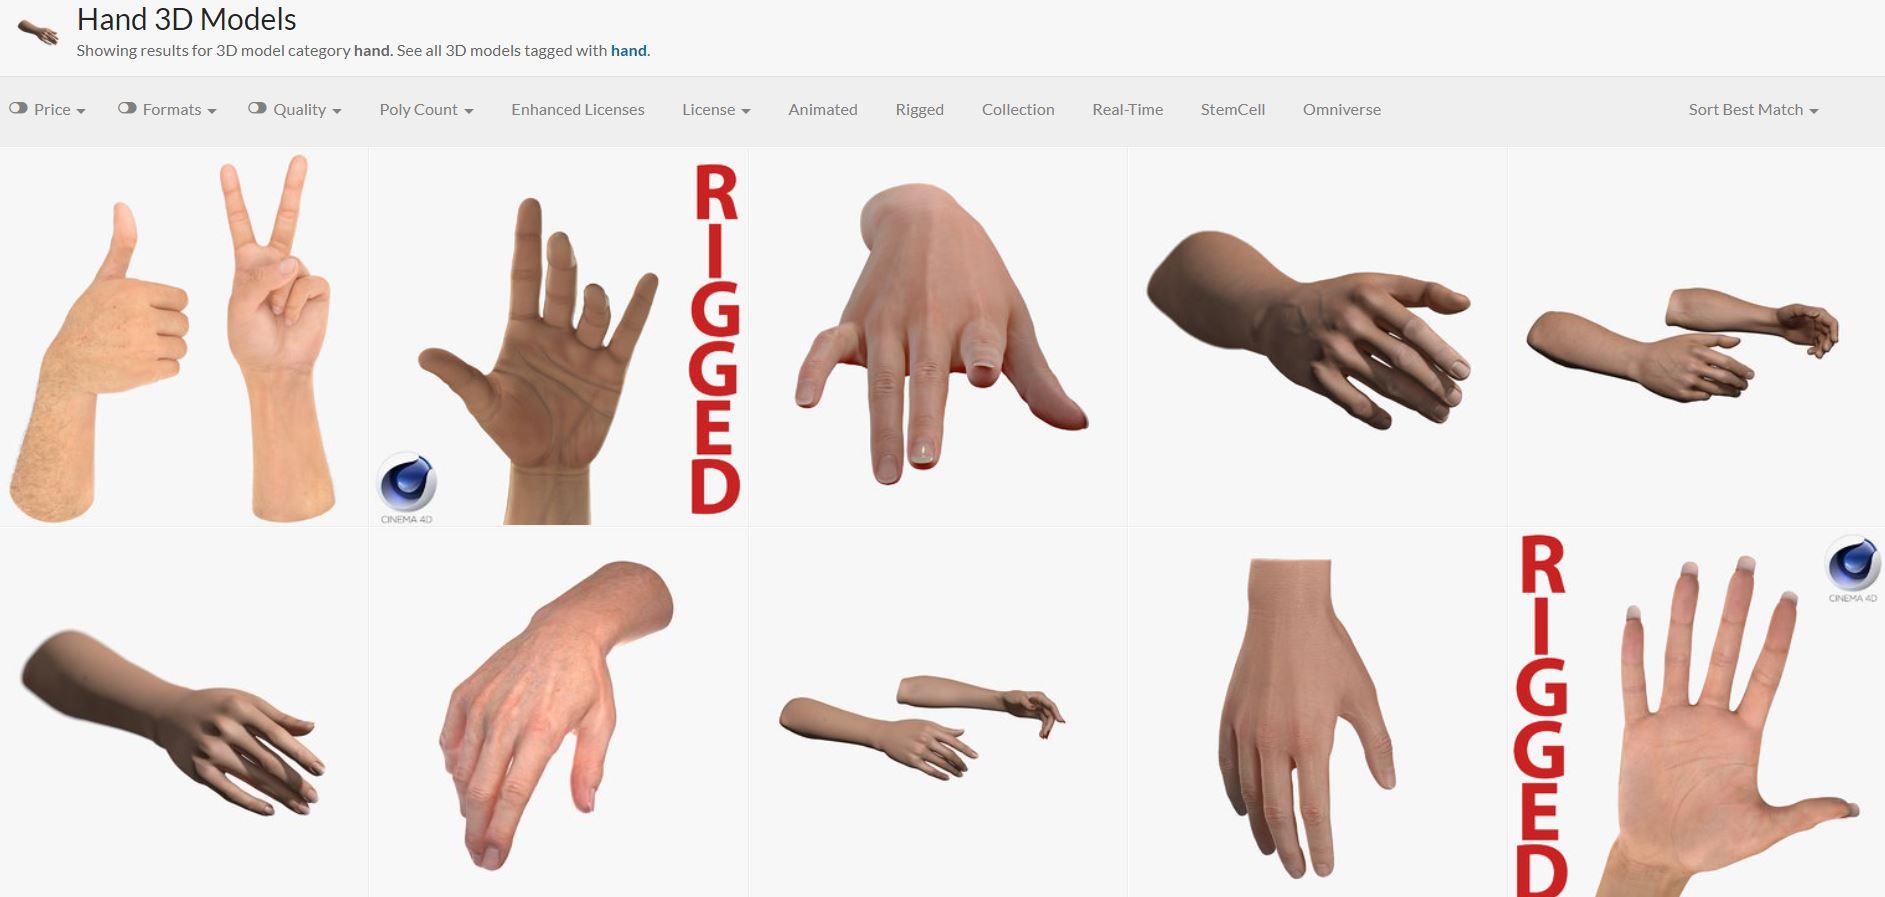 A screenshot of different 3D hand models.